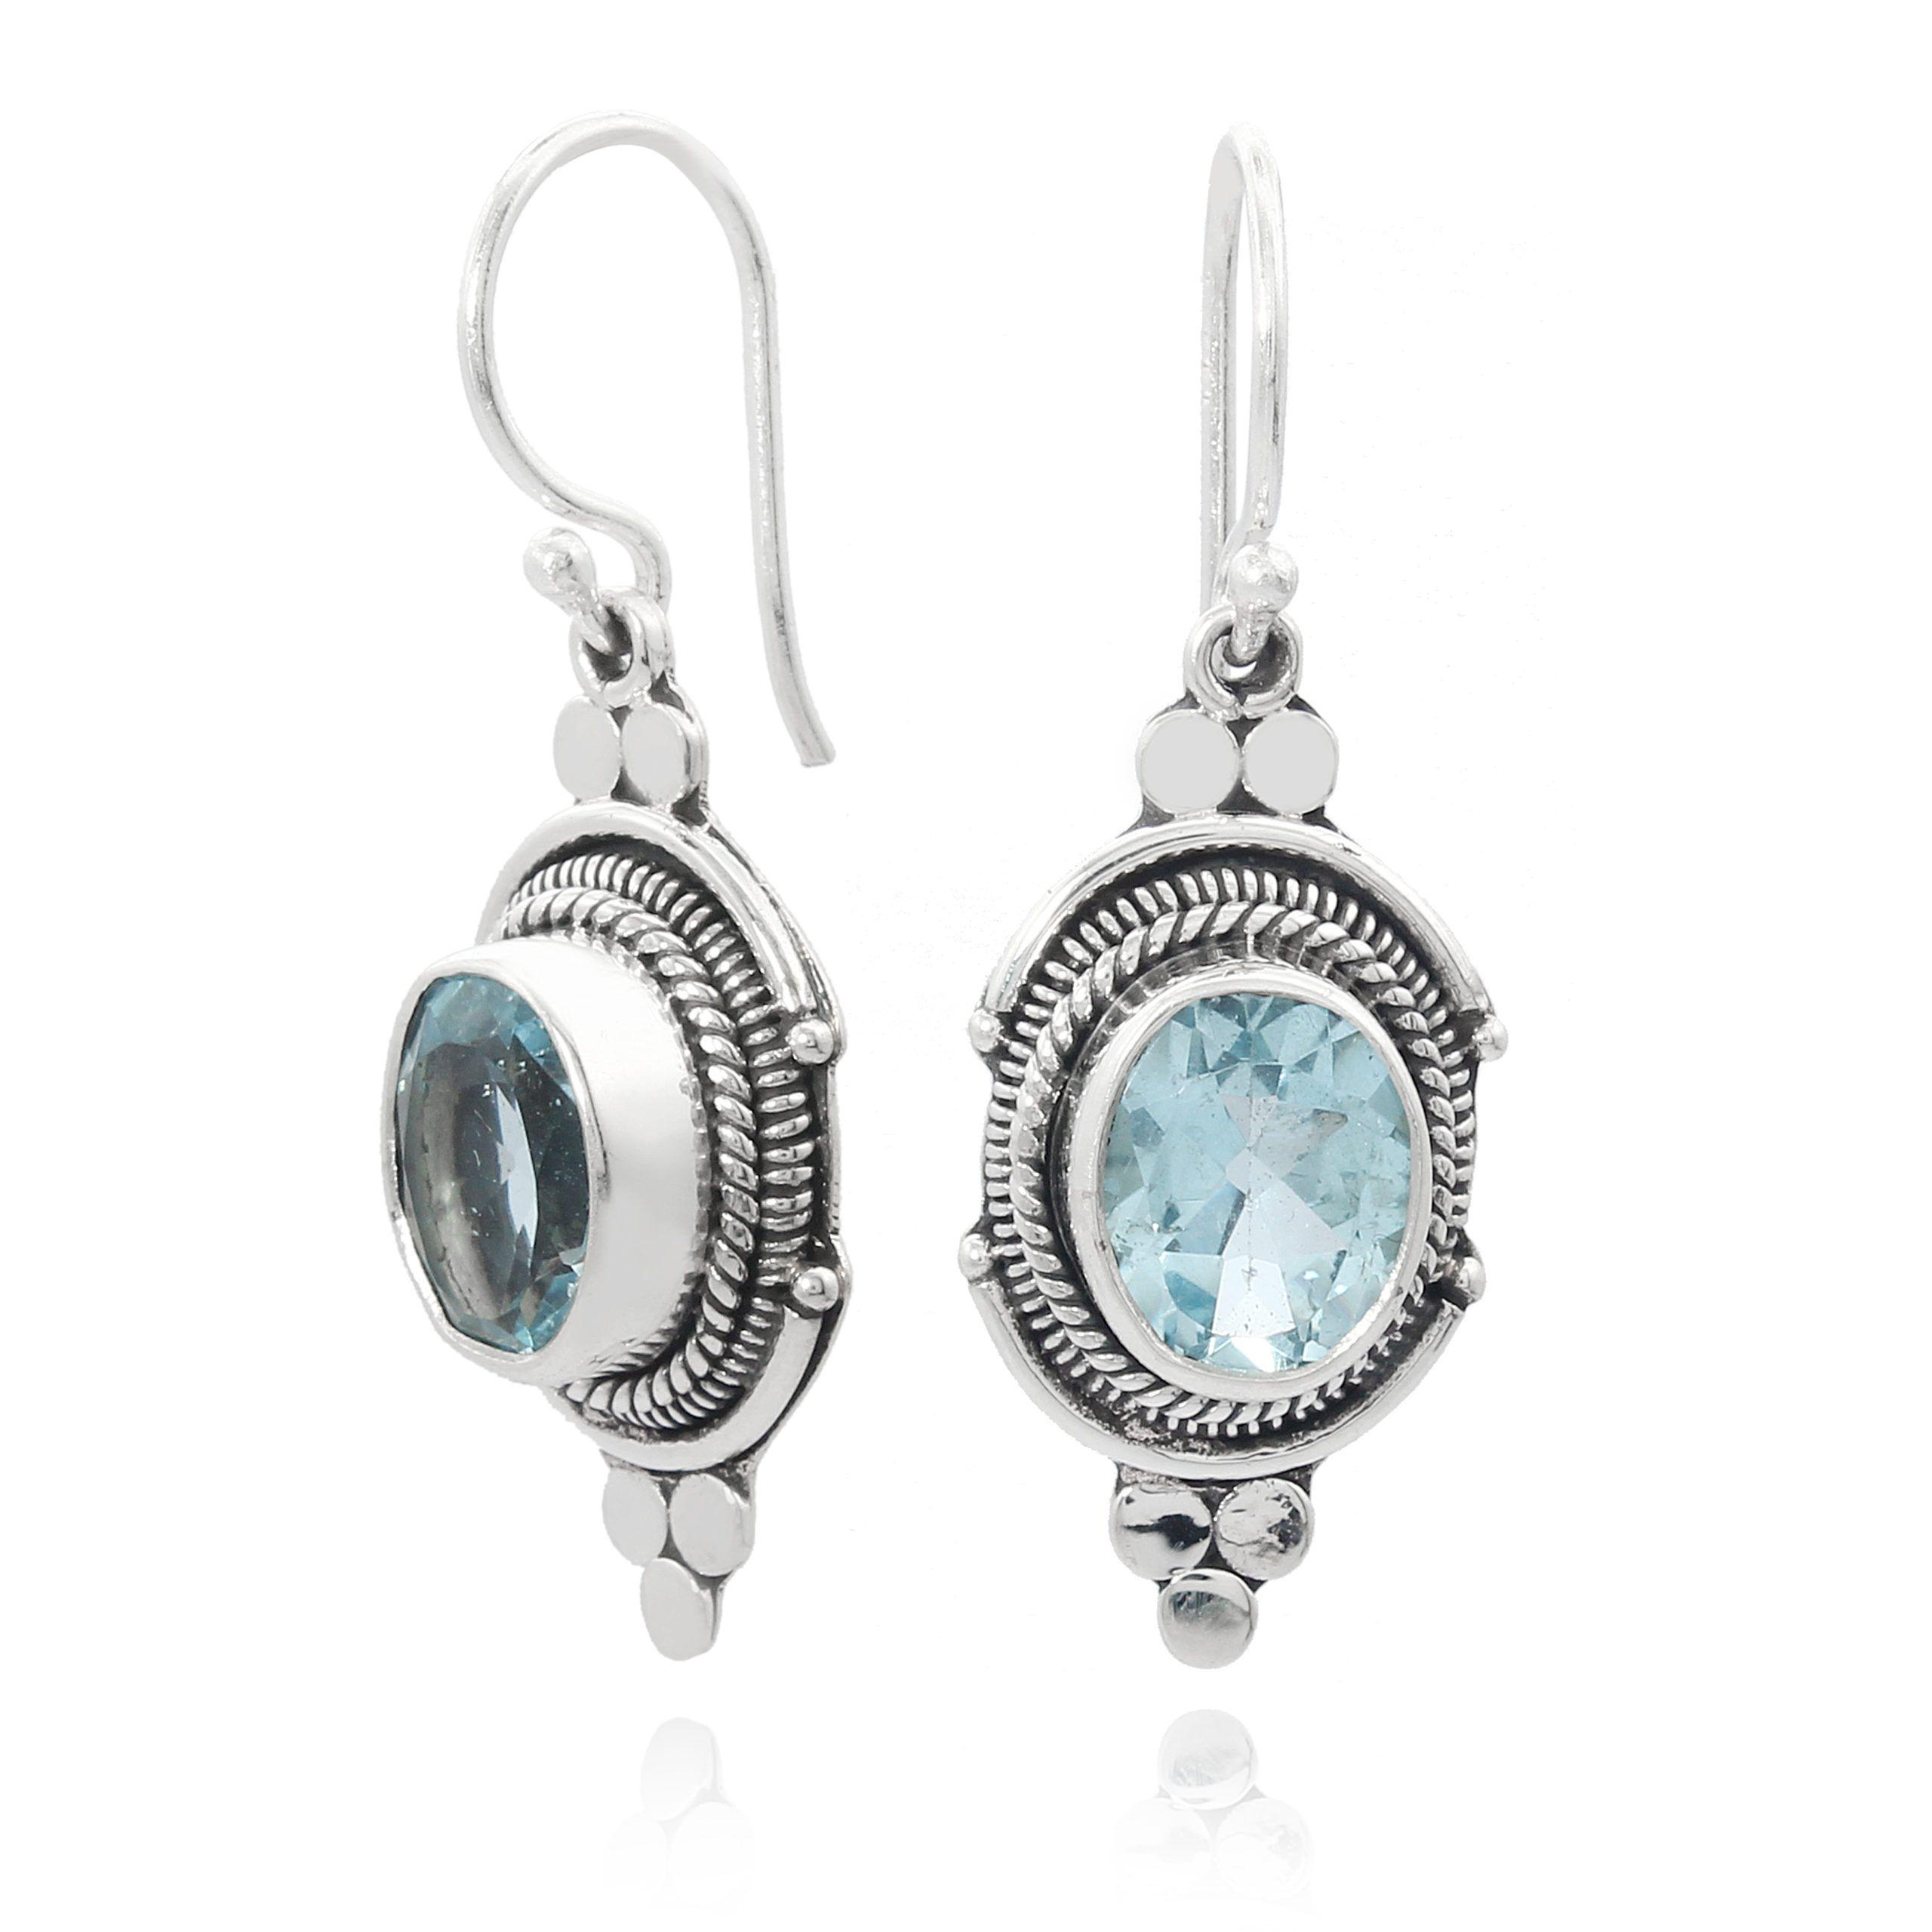 Pendientes artesanales de plata con topacio azul natural Shadi